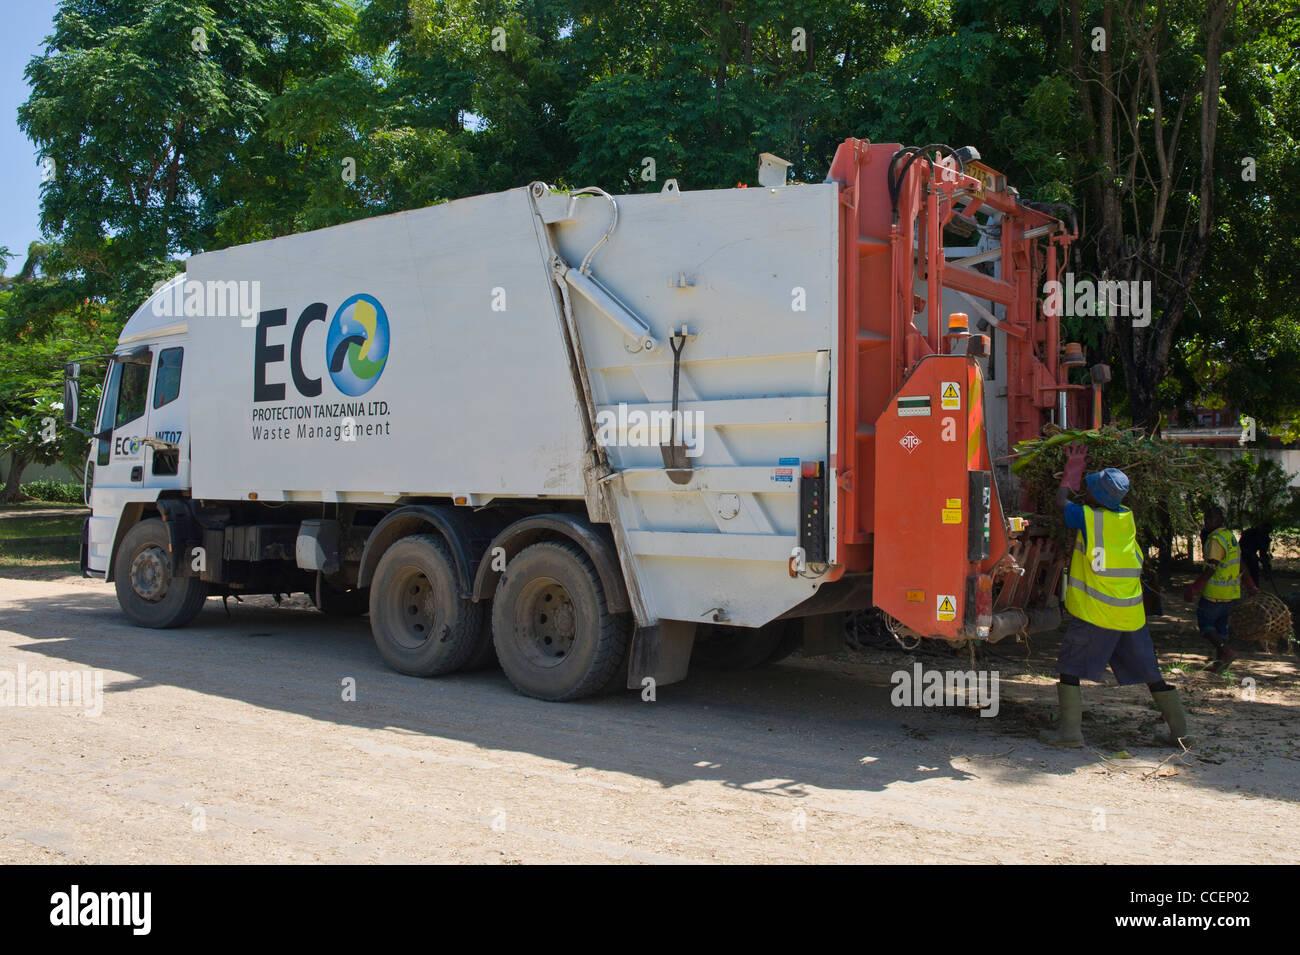 Camión recolector de basura la recolección de desechos en Dar es Salaam Tanzania Imagen De Stock